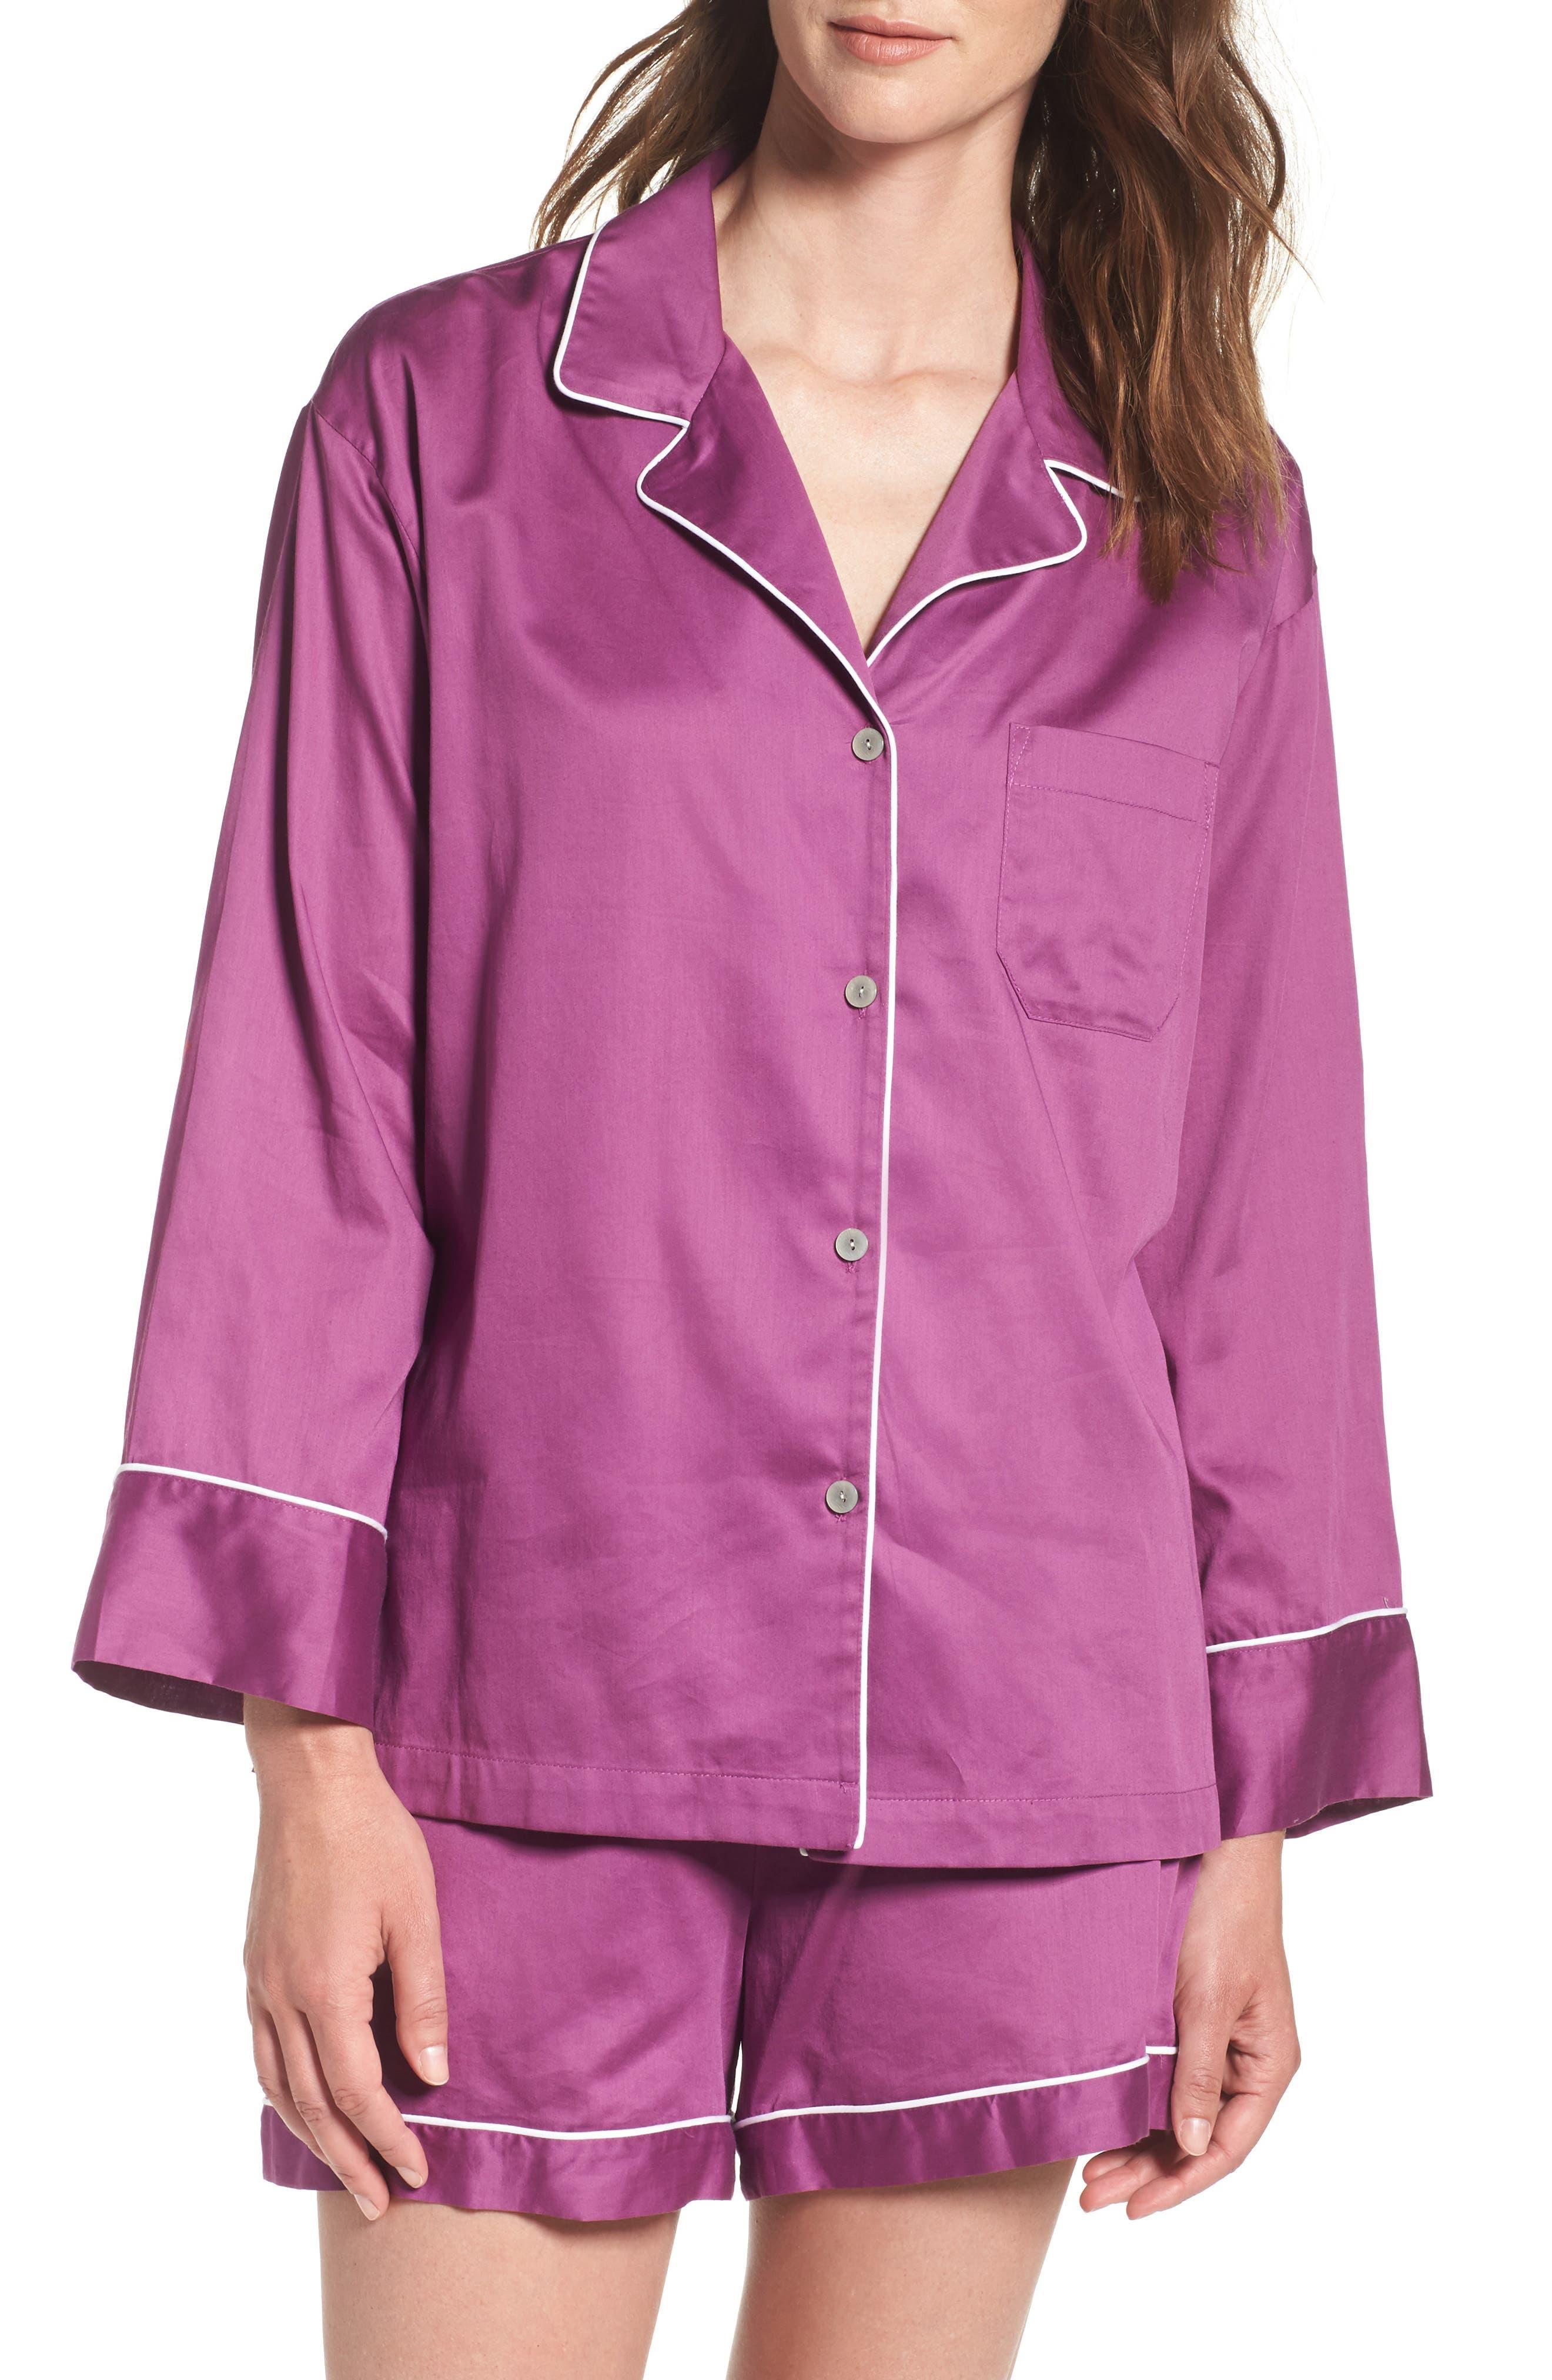 Essentials Short Pajamas,                         Main,                         color, Mauve Pink